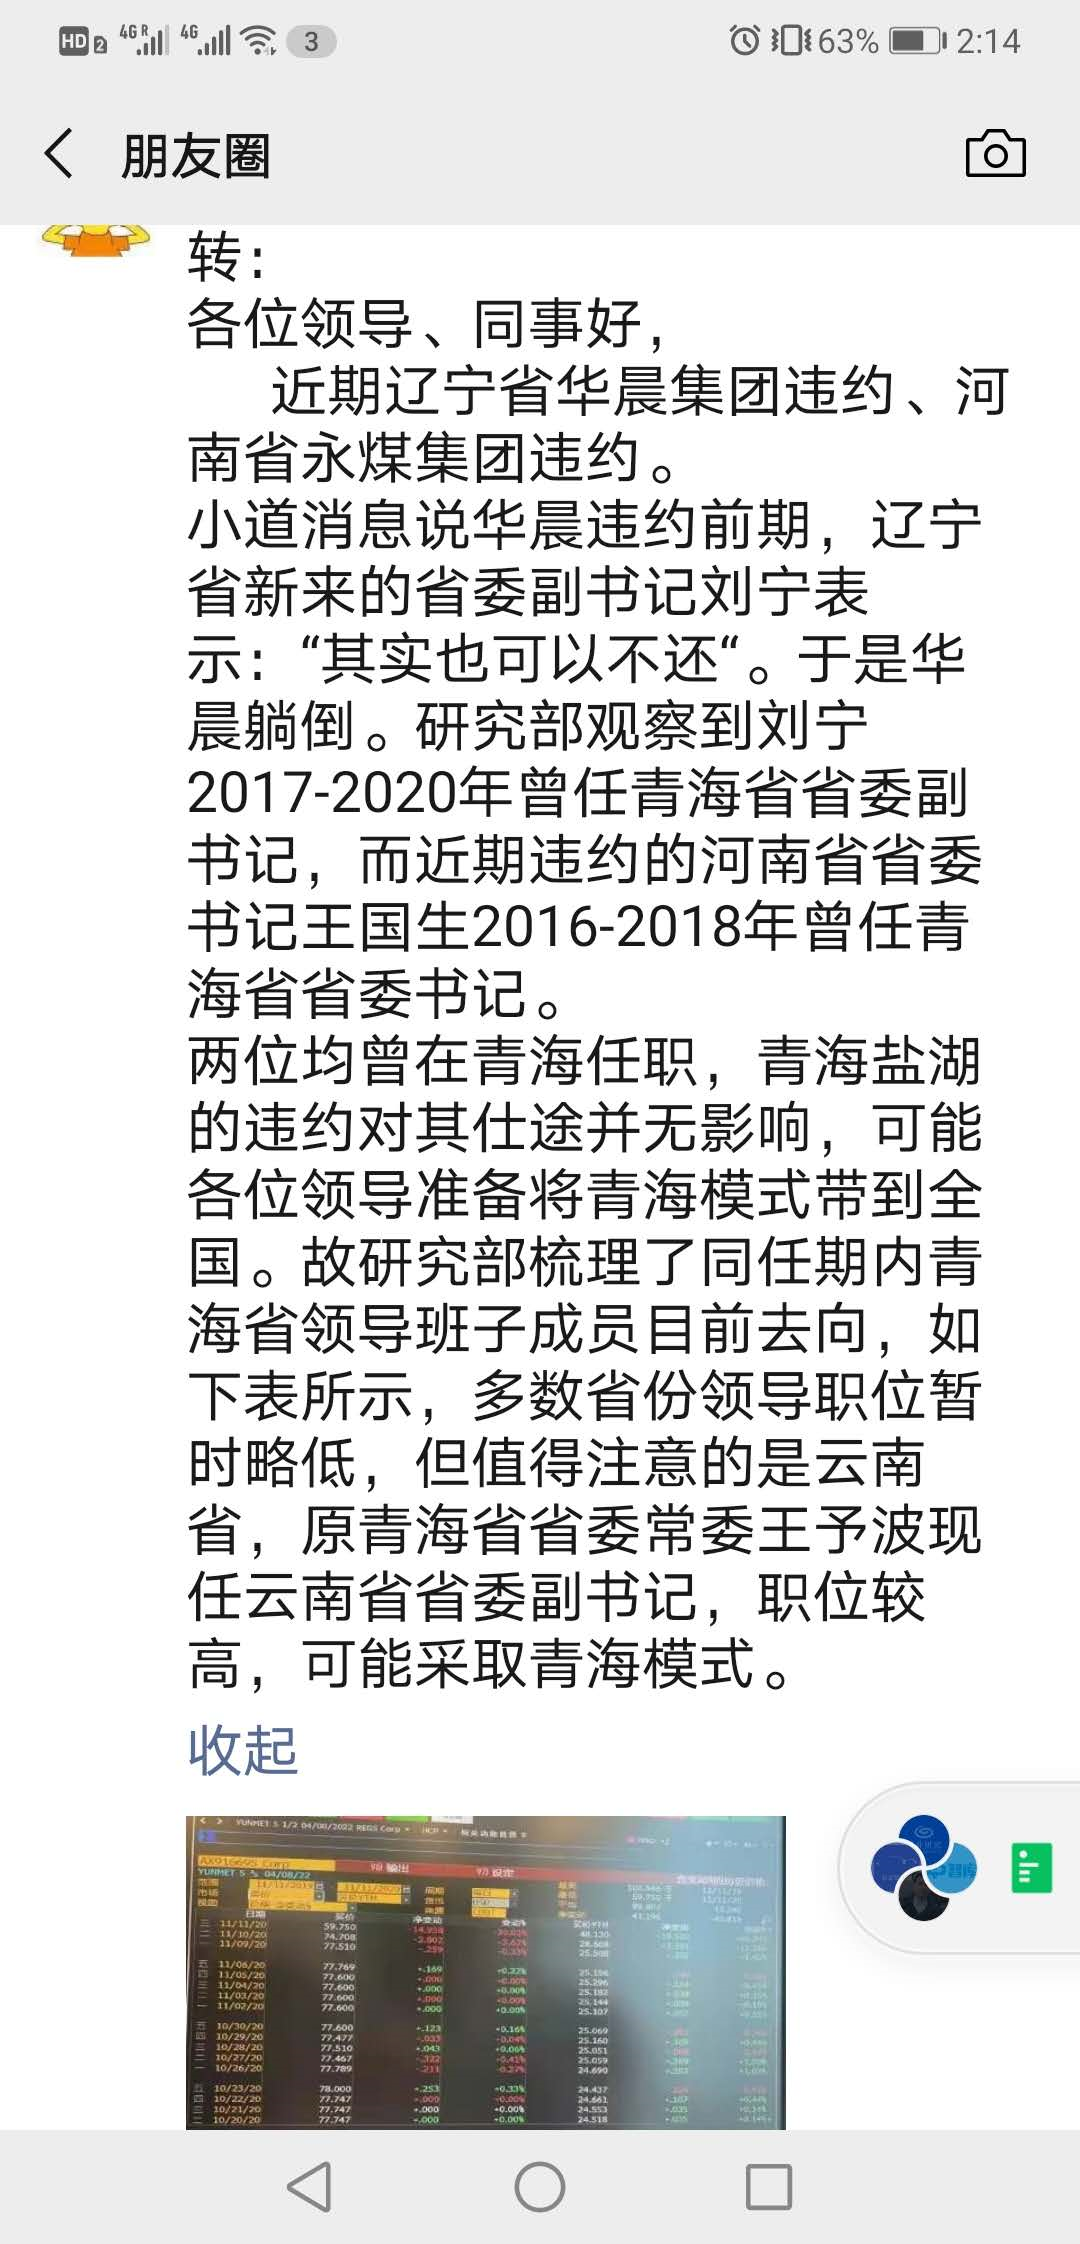 """""""青海模式""""横空出道 投资者先抛为敬!云南城投美元债跌幅创纪录"""